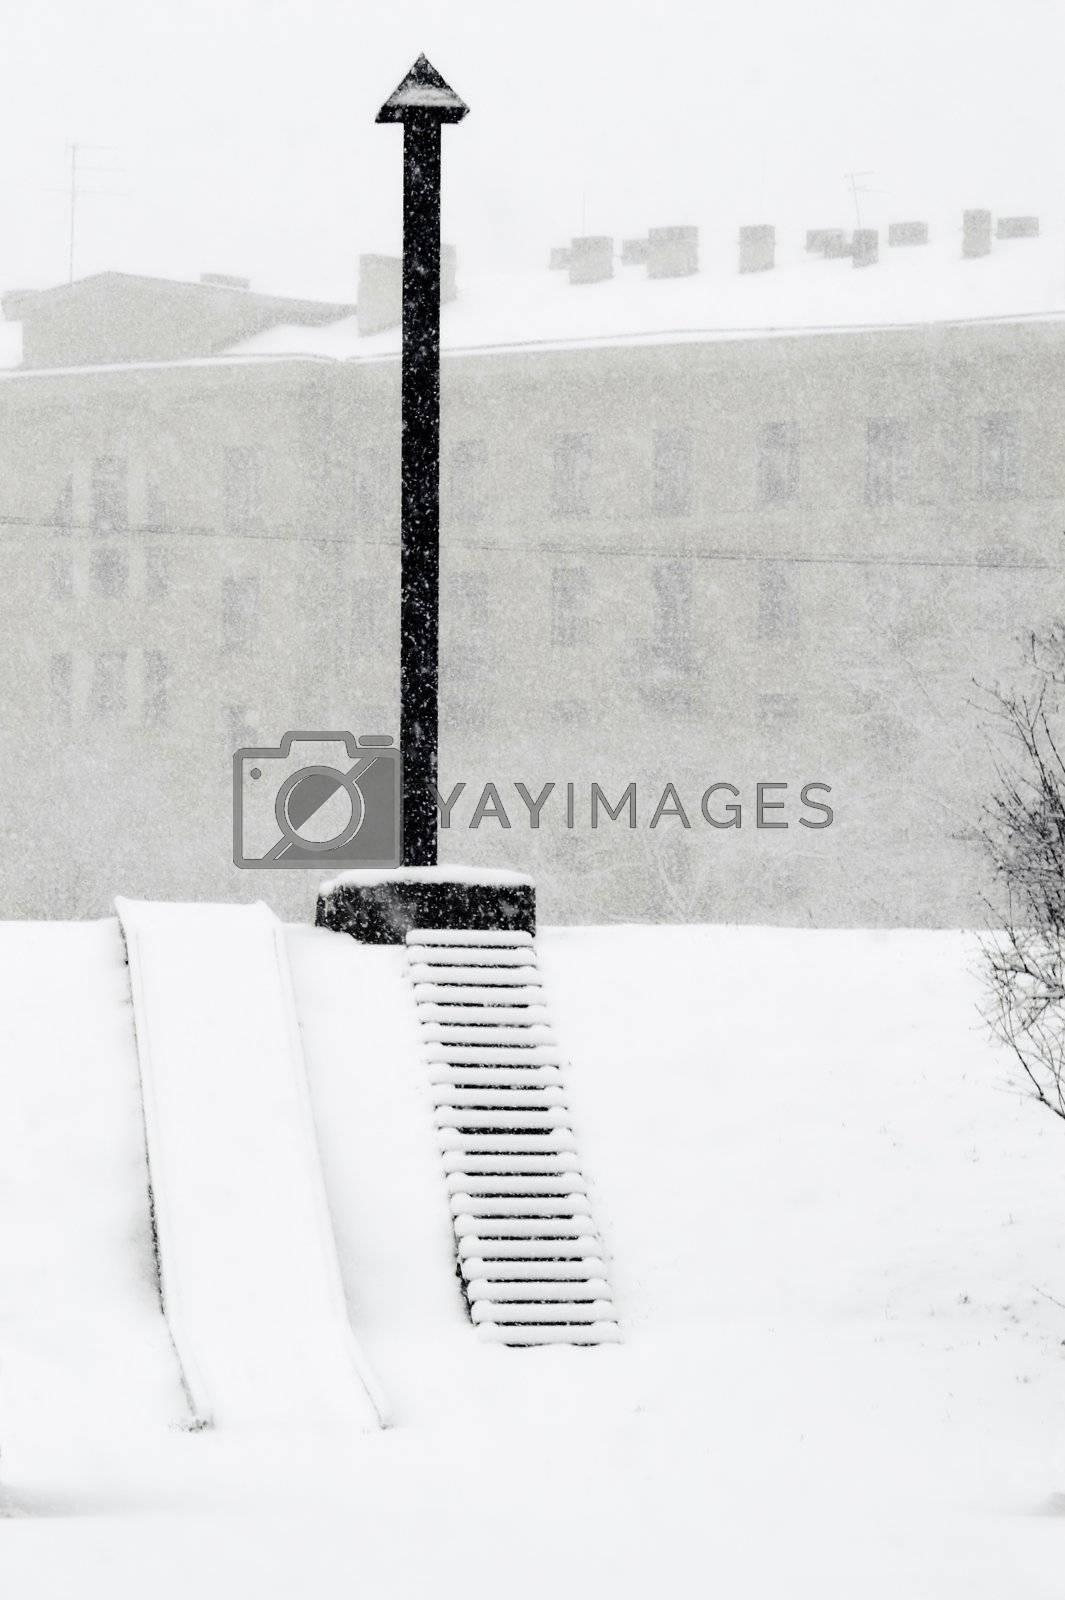 snowing  by simfan